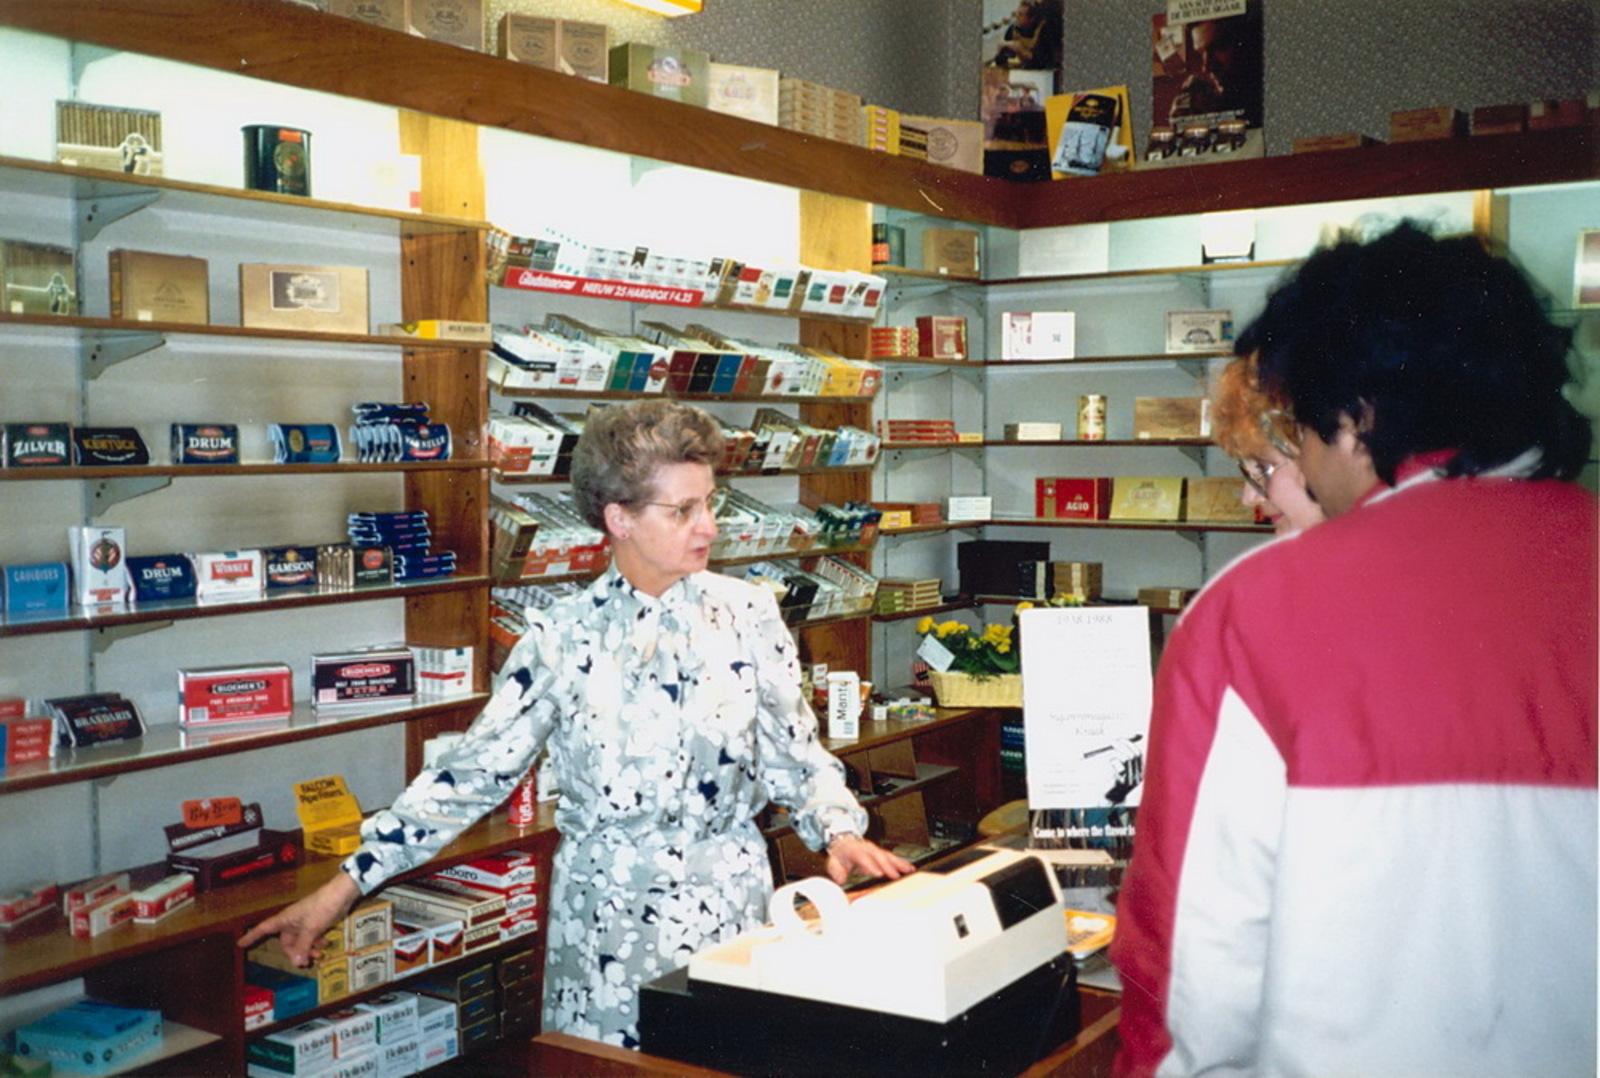 Marktlaan O 0022 1988 Sigarenboer Kraak 50jr Jub en Sluiting 25